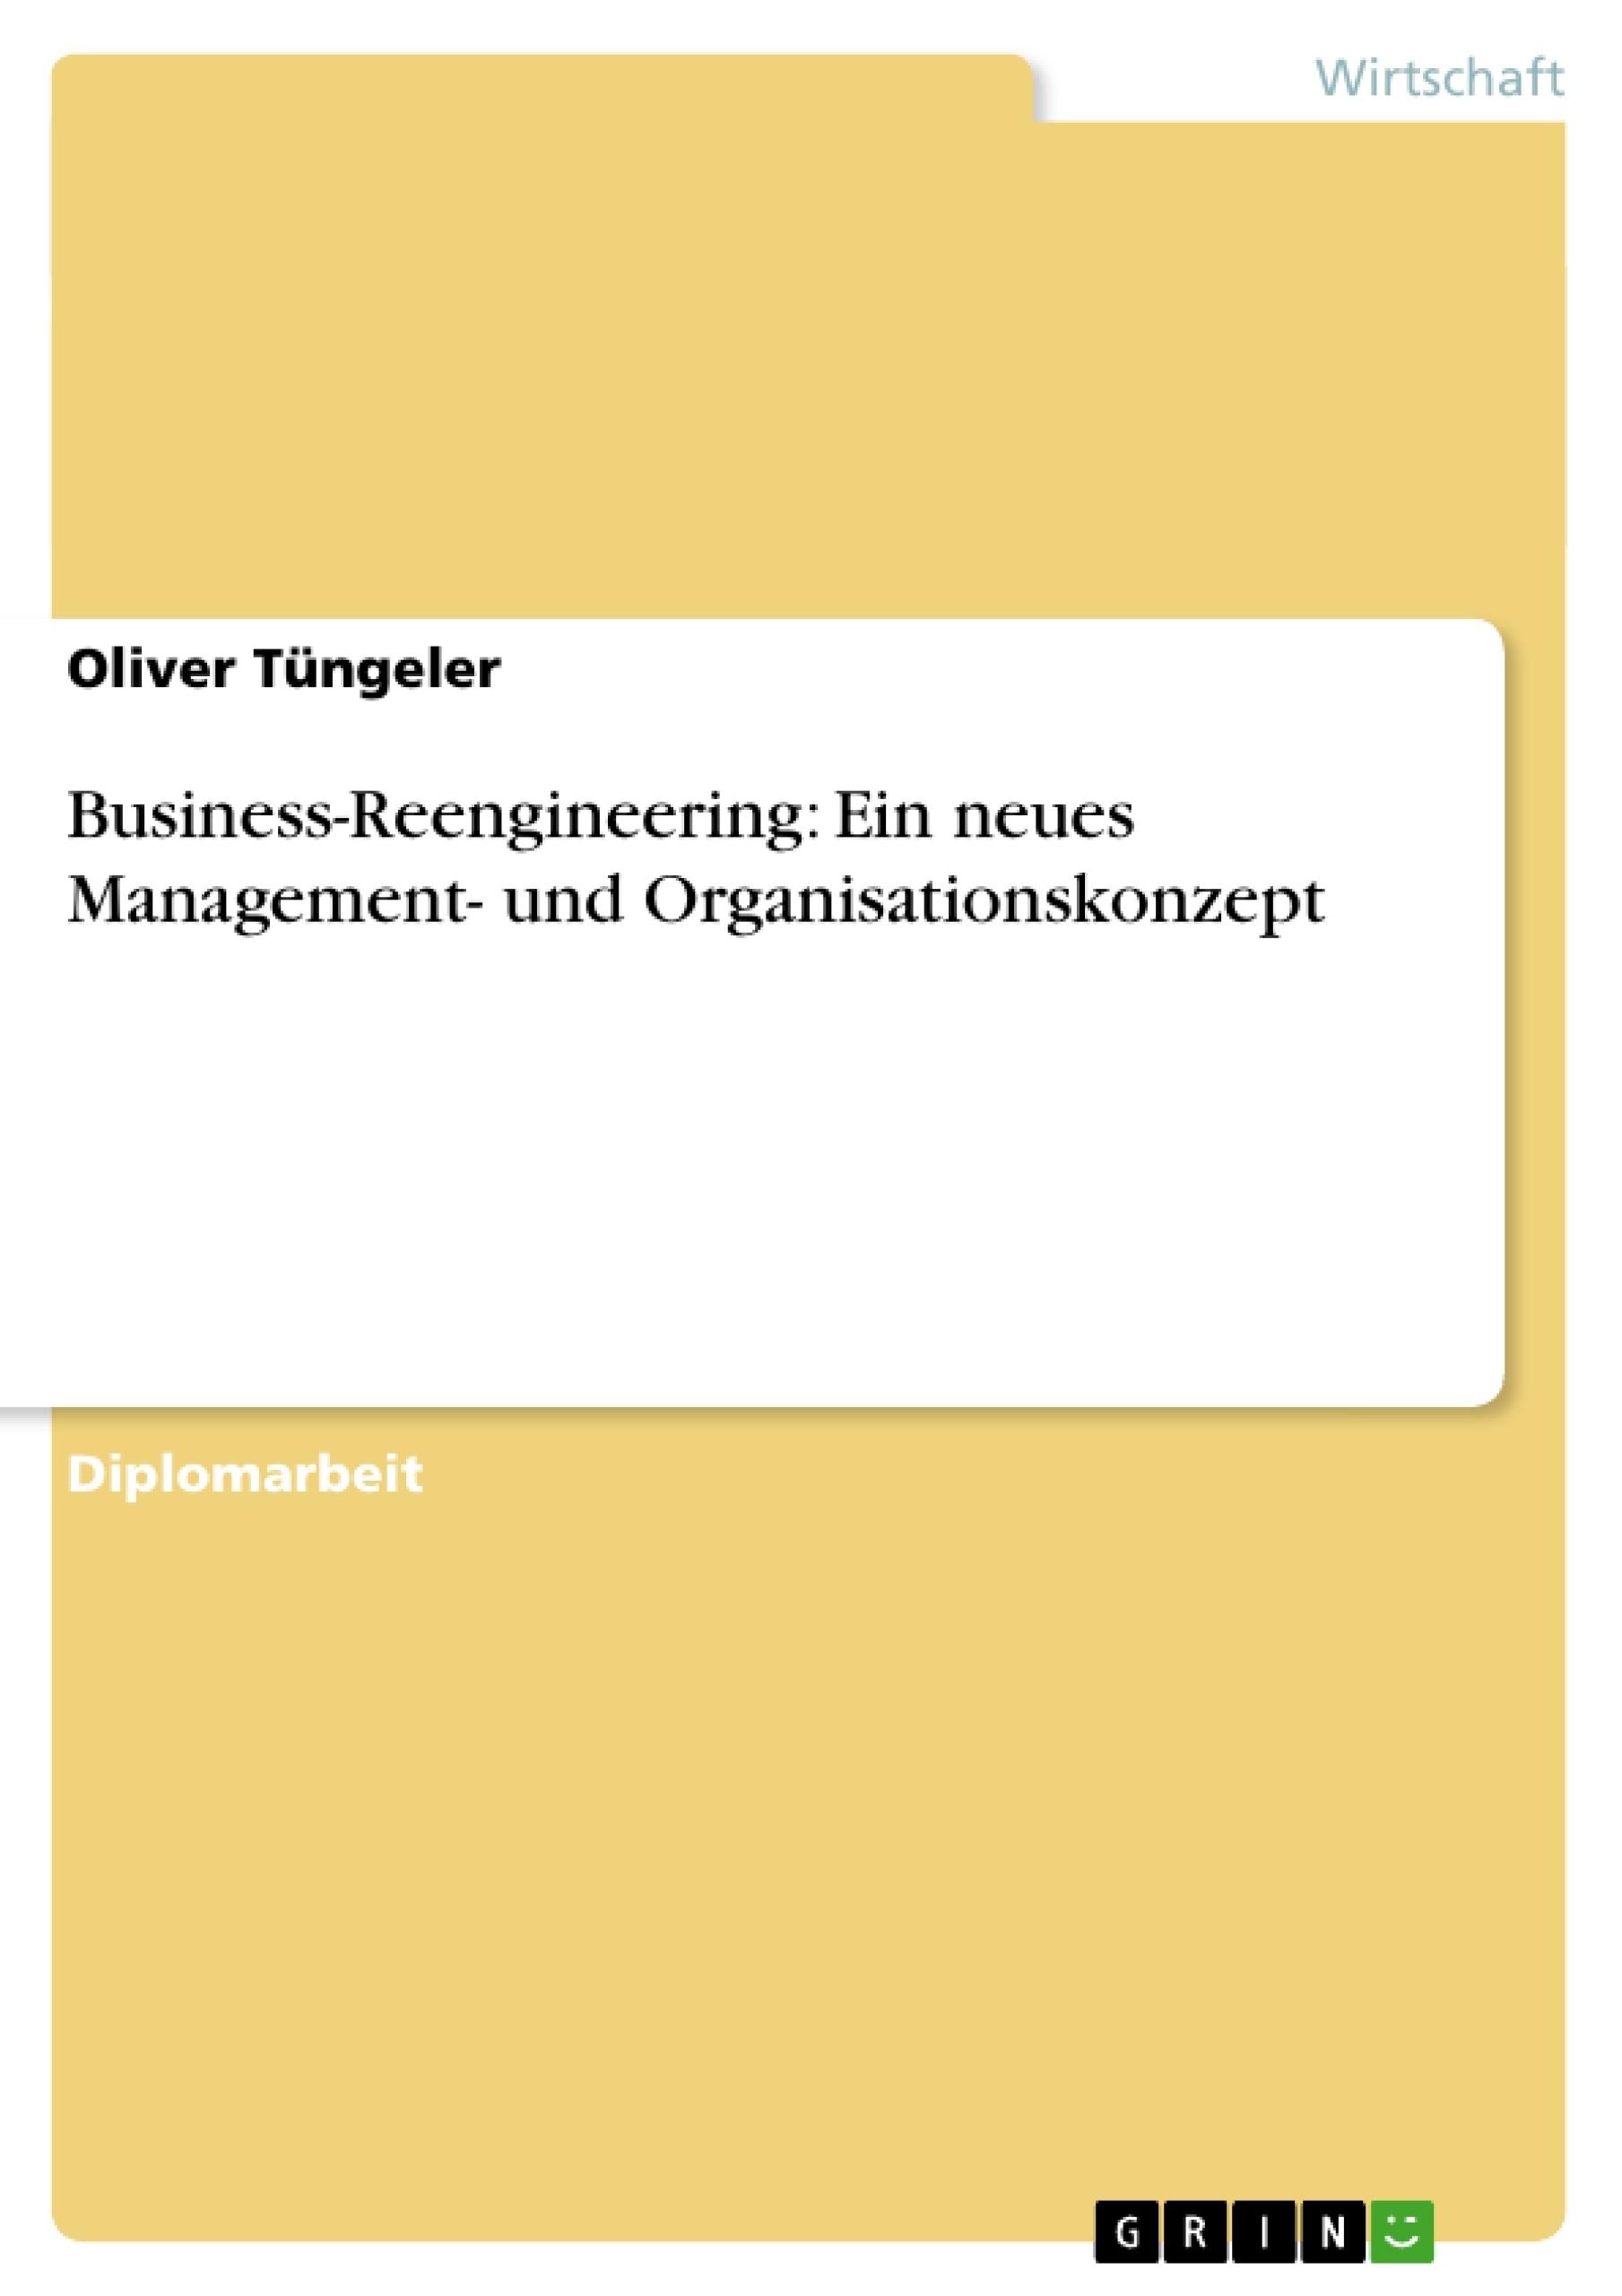 Titel: Business-Reengineering: Ein neues Management- und Organisationskonzept